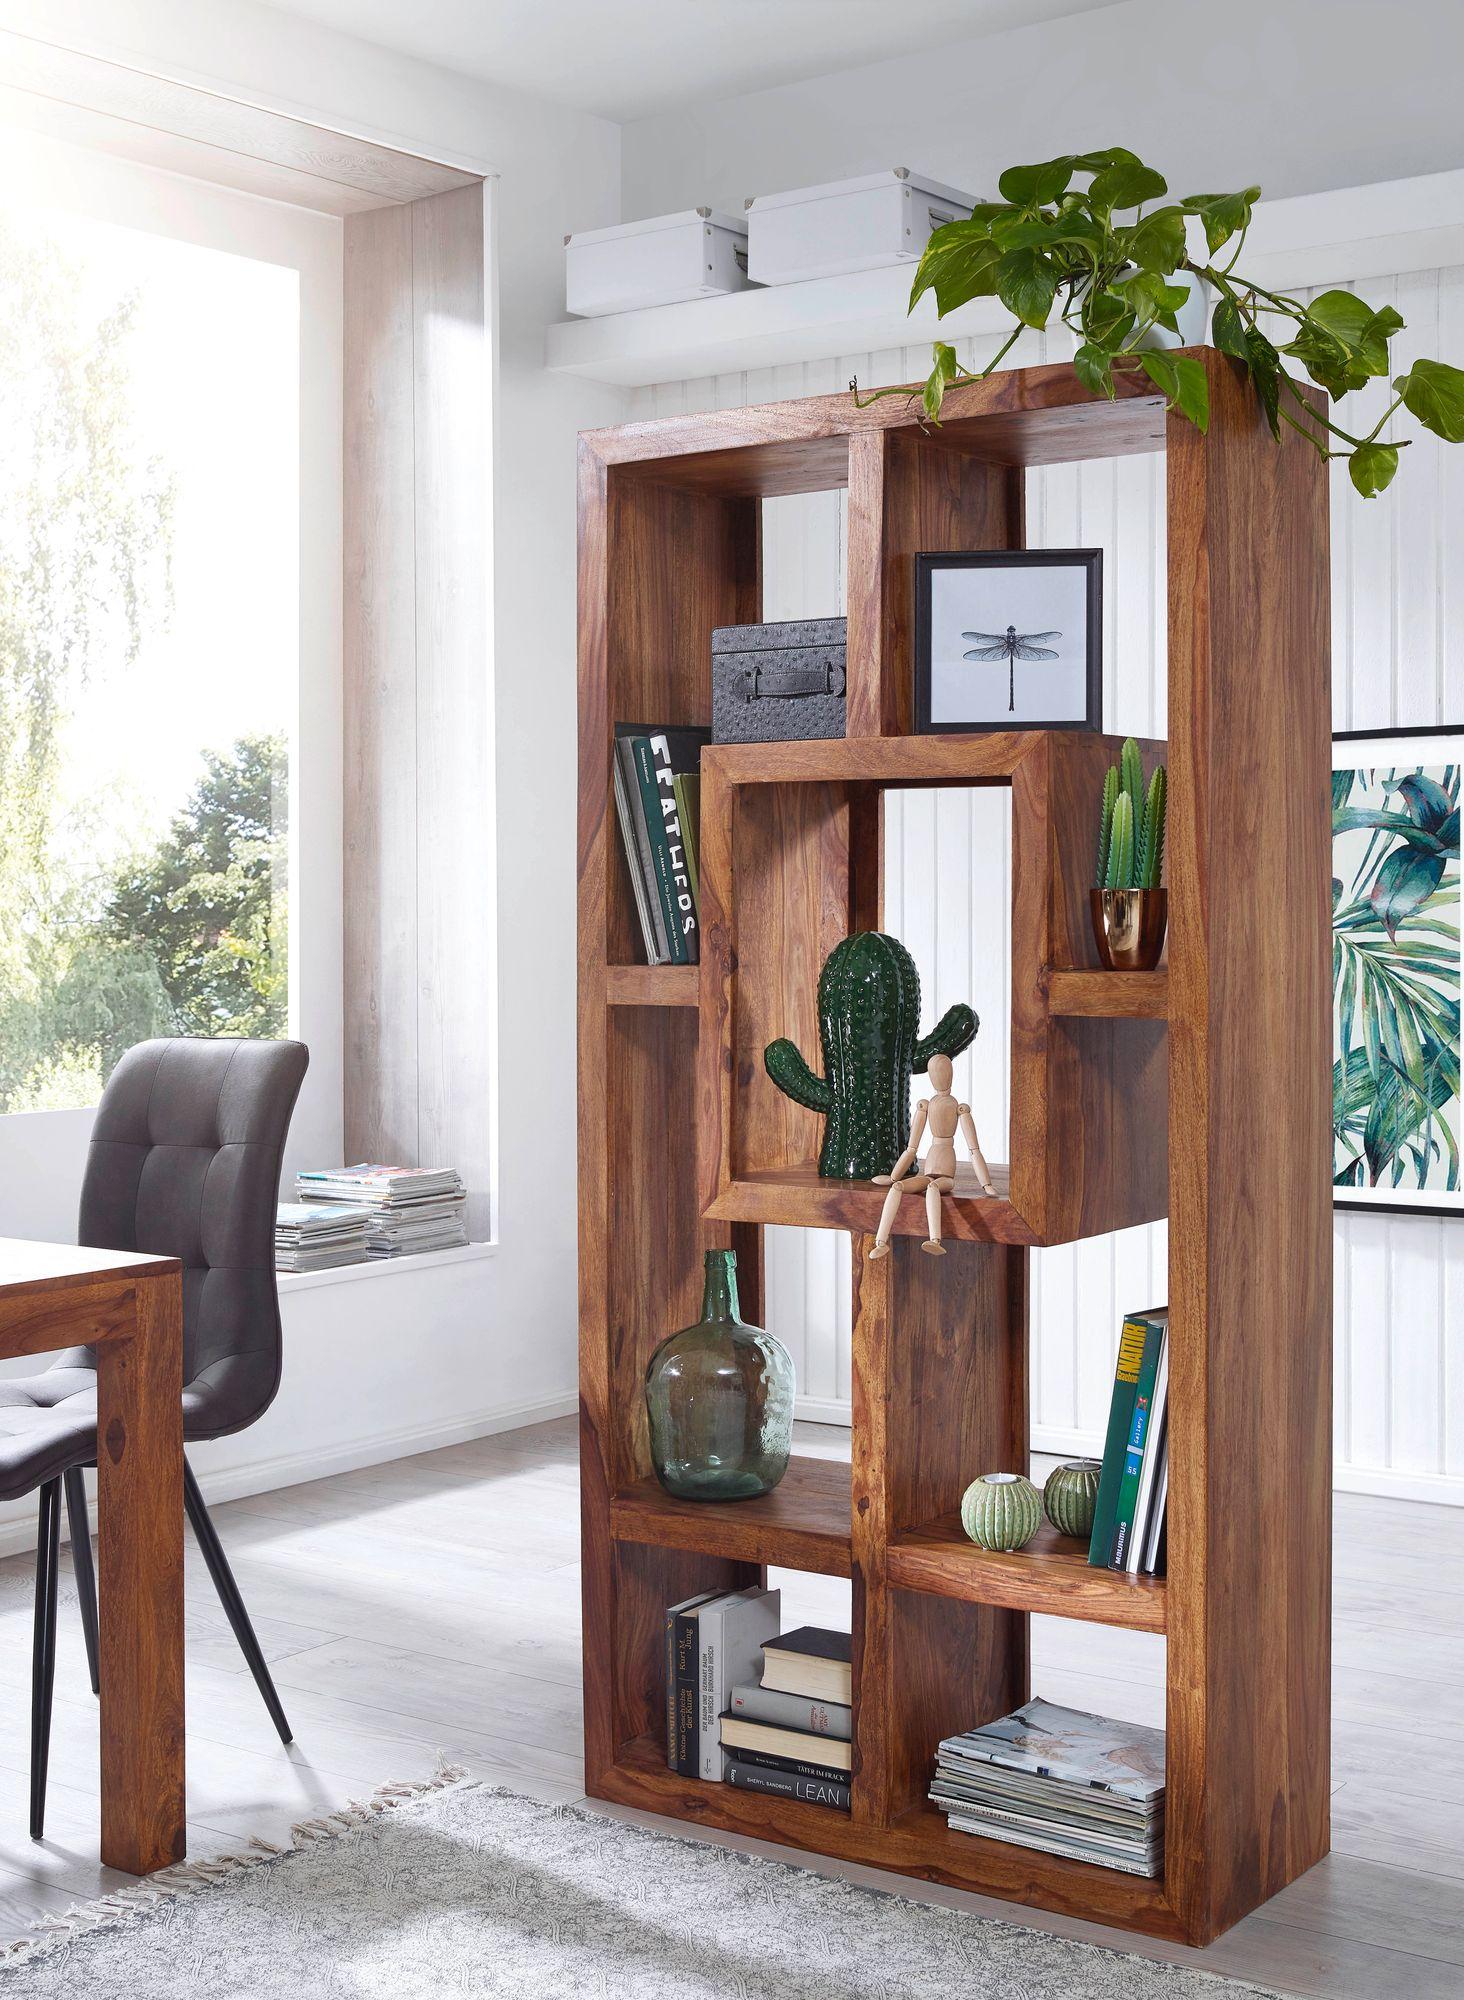 FineBuy Bücherregal Massiv-Holz Sheesham 8 x 8 cm Wohnzimmer-Regal  Ablagefächer Design Landhaus-Stil Standregal